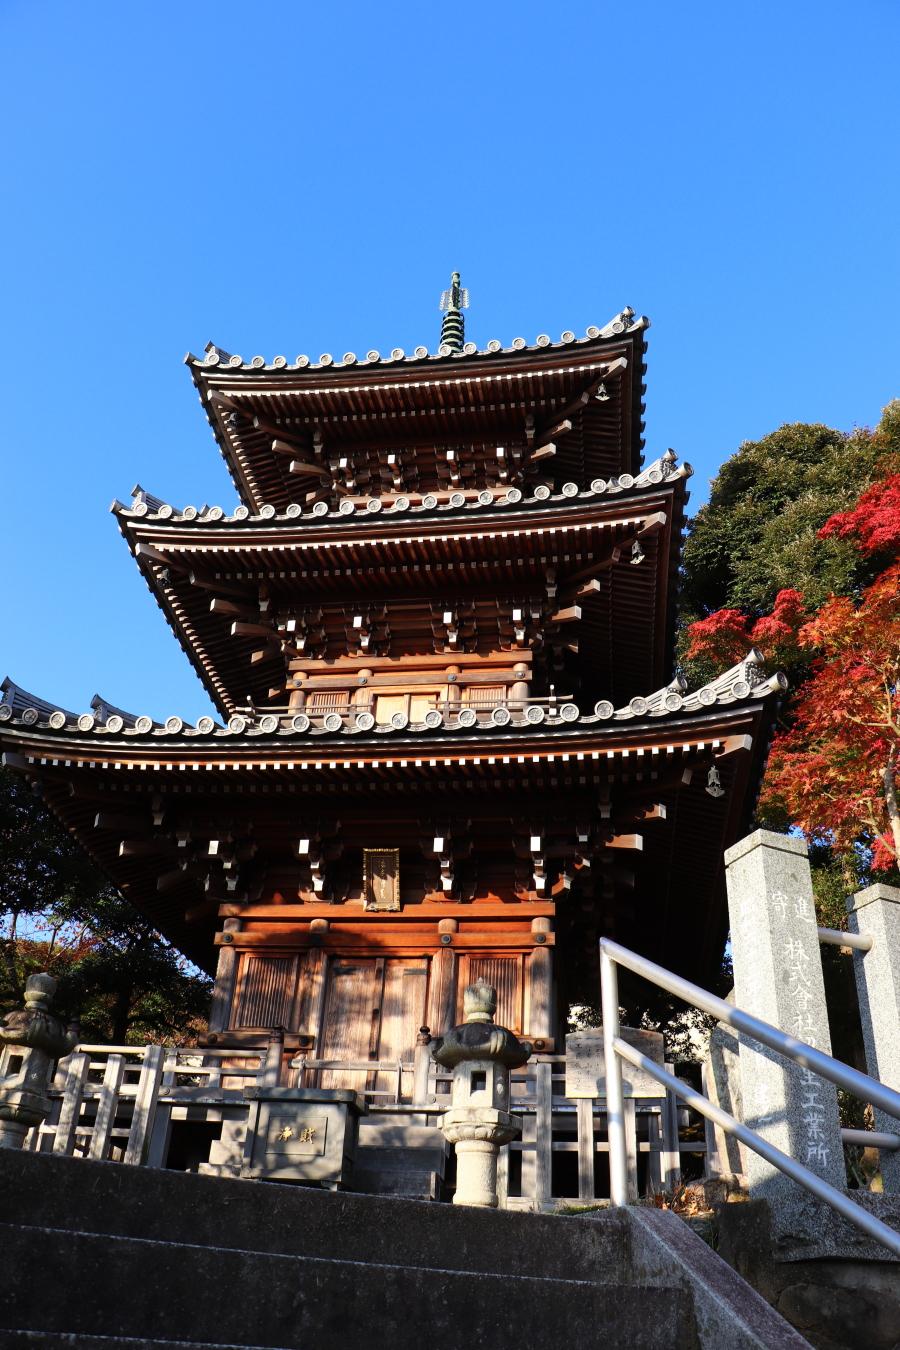 いわき市おすすめスポット!湯本町「勝行院」三重塔の紅葉と「観音山」から見た湯本の街並み!